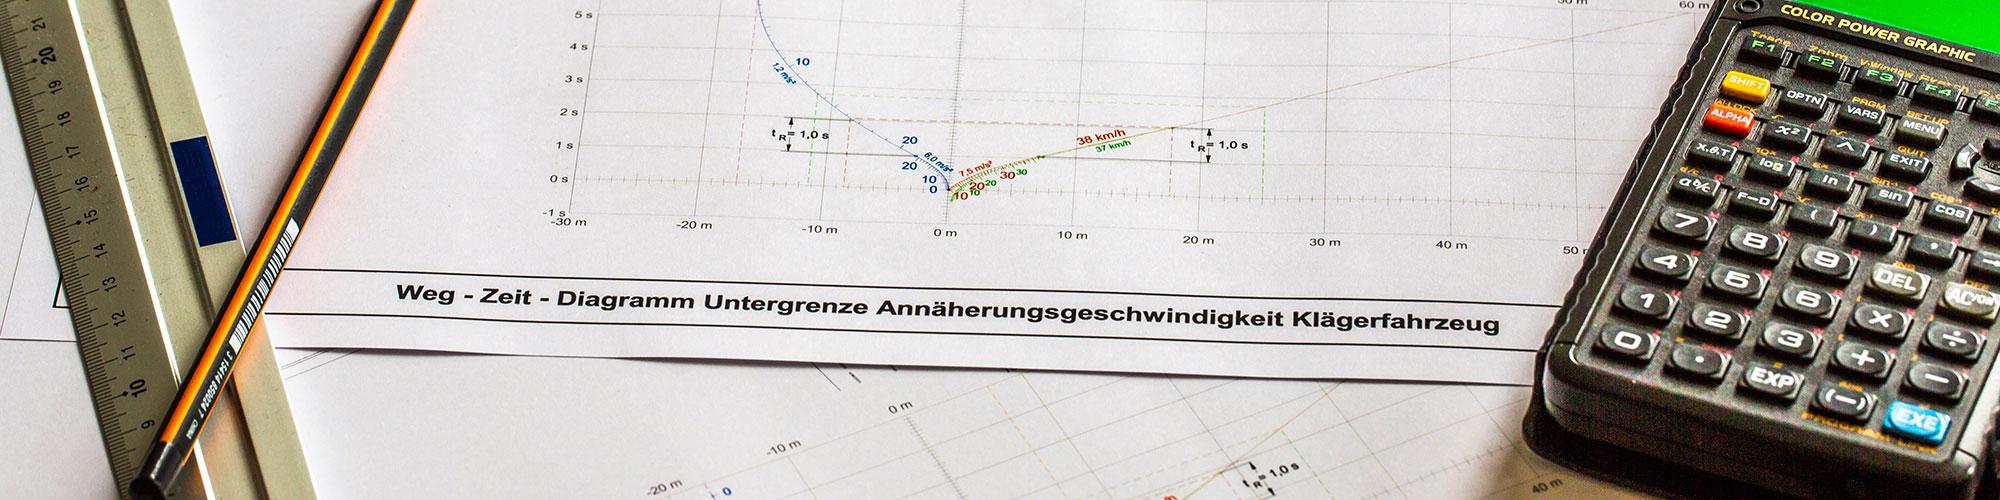 Ausdruck eines Weg-Zeit-Diagramms, auf dem ein Lineal, Bleistift und ein Taschenrechner liegen